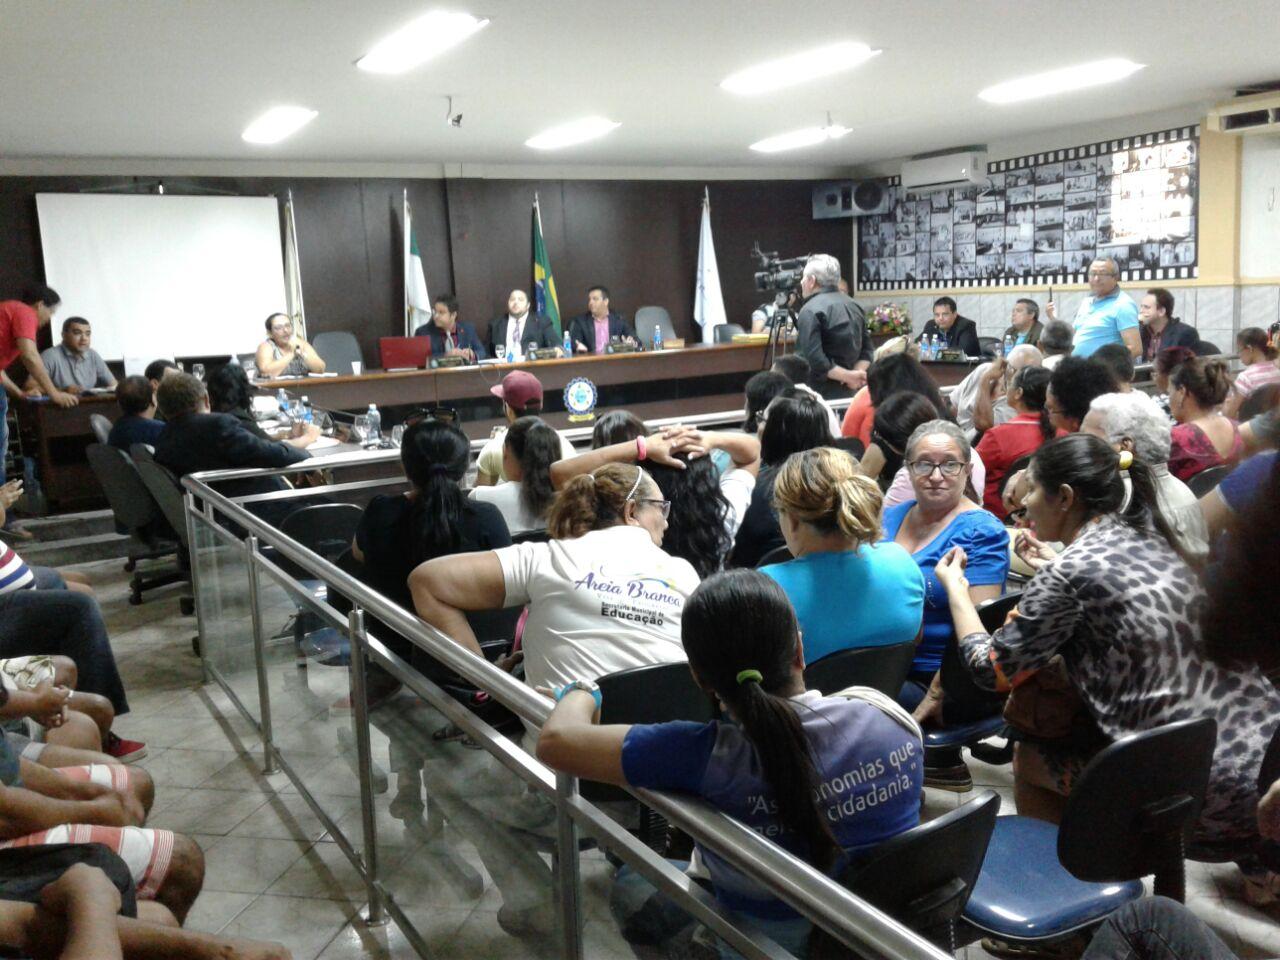 Mesa concedeu espaço para os educadores se pronunciarem